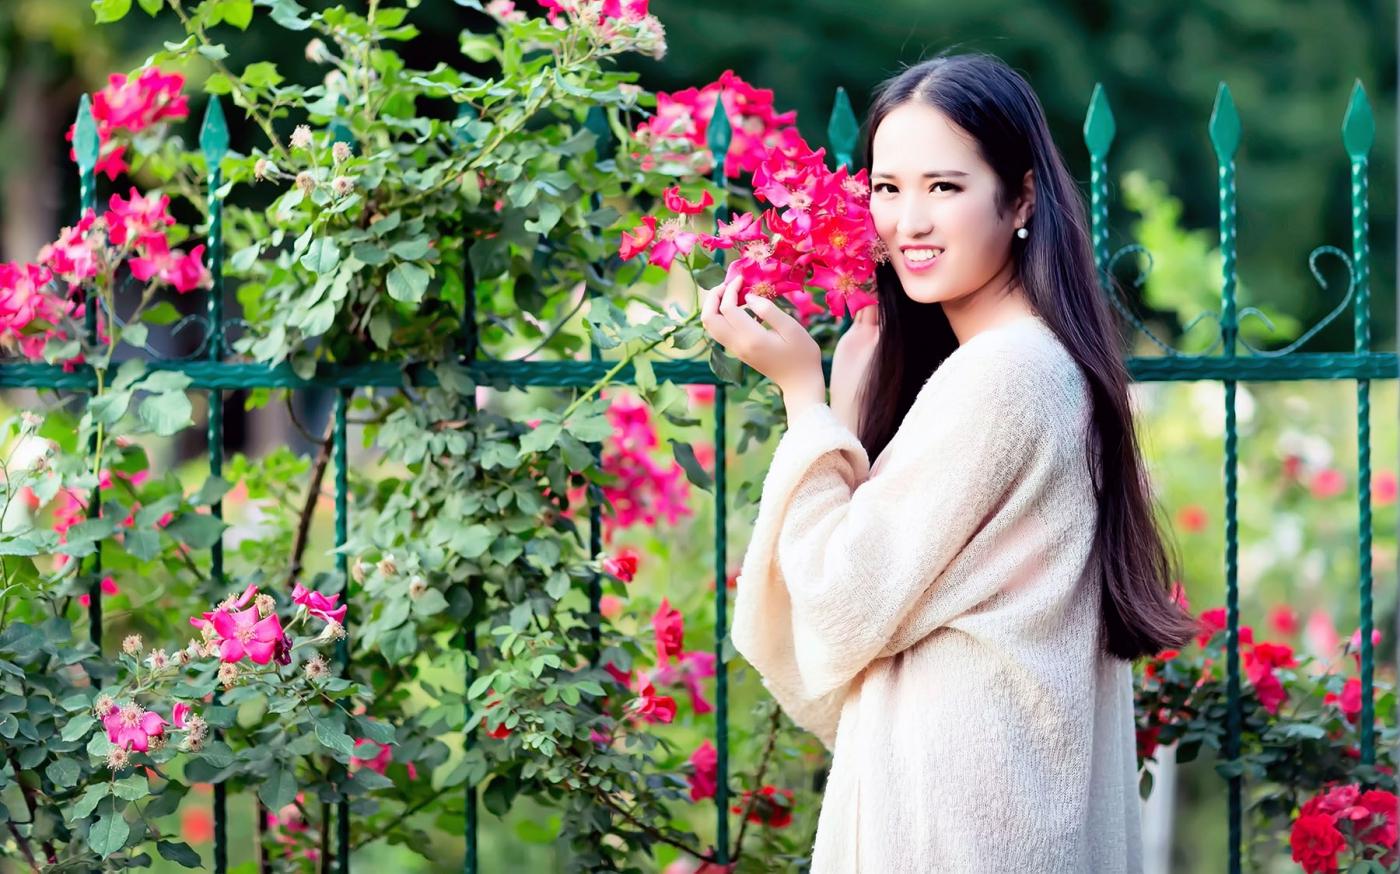 蔷薇·阳光·女孩 去见你想见的人吧_图1-24